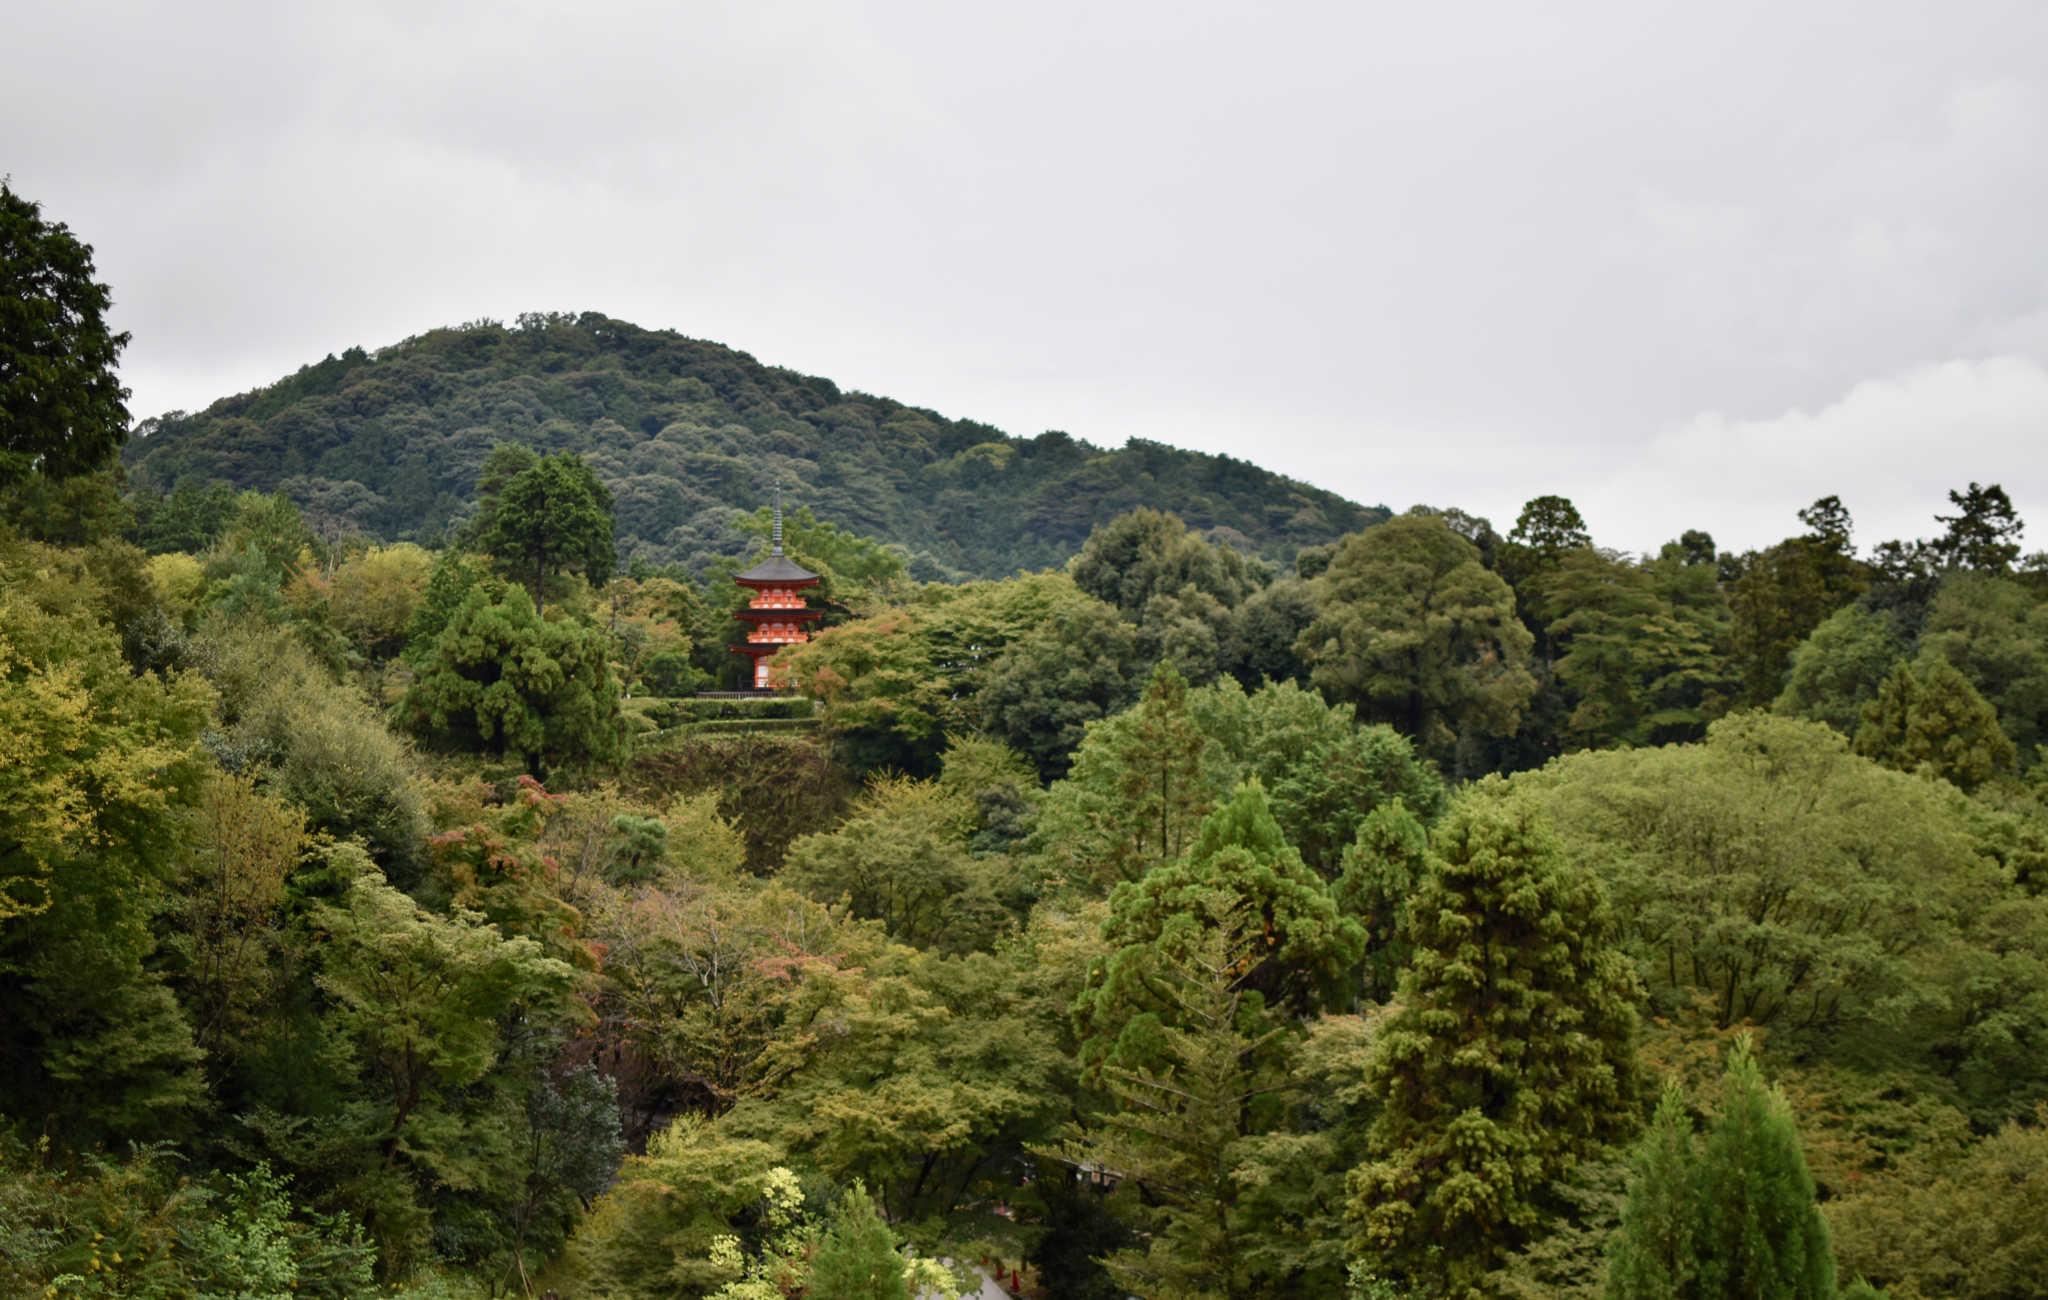 Au loin on observe une autre pagode